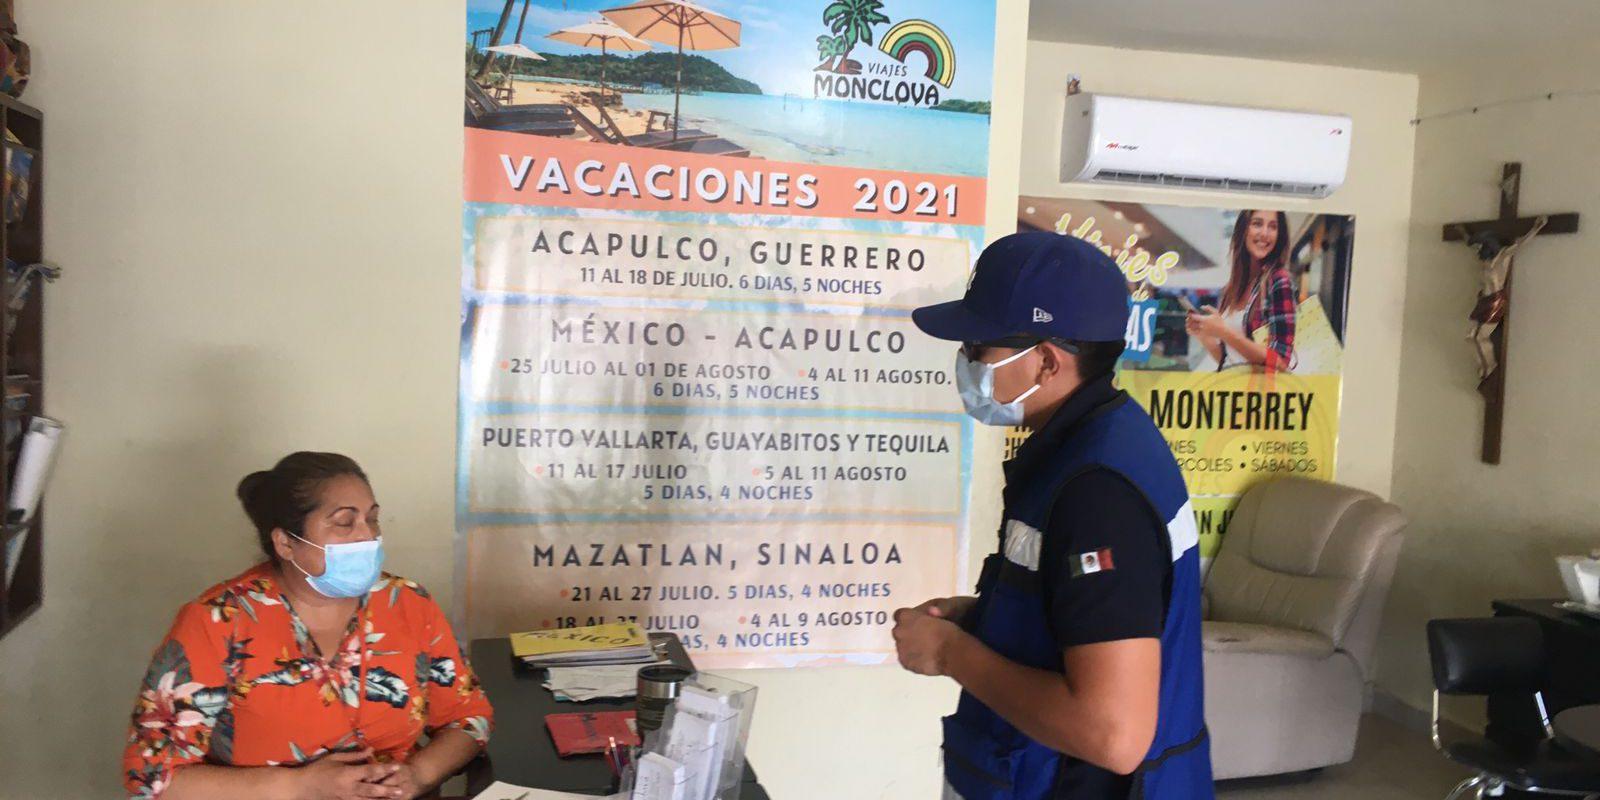 Agencias de viajes son supervisadas por Protección Civil de Monclova